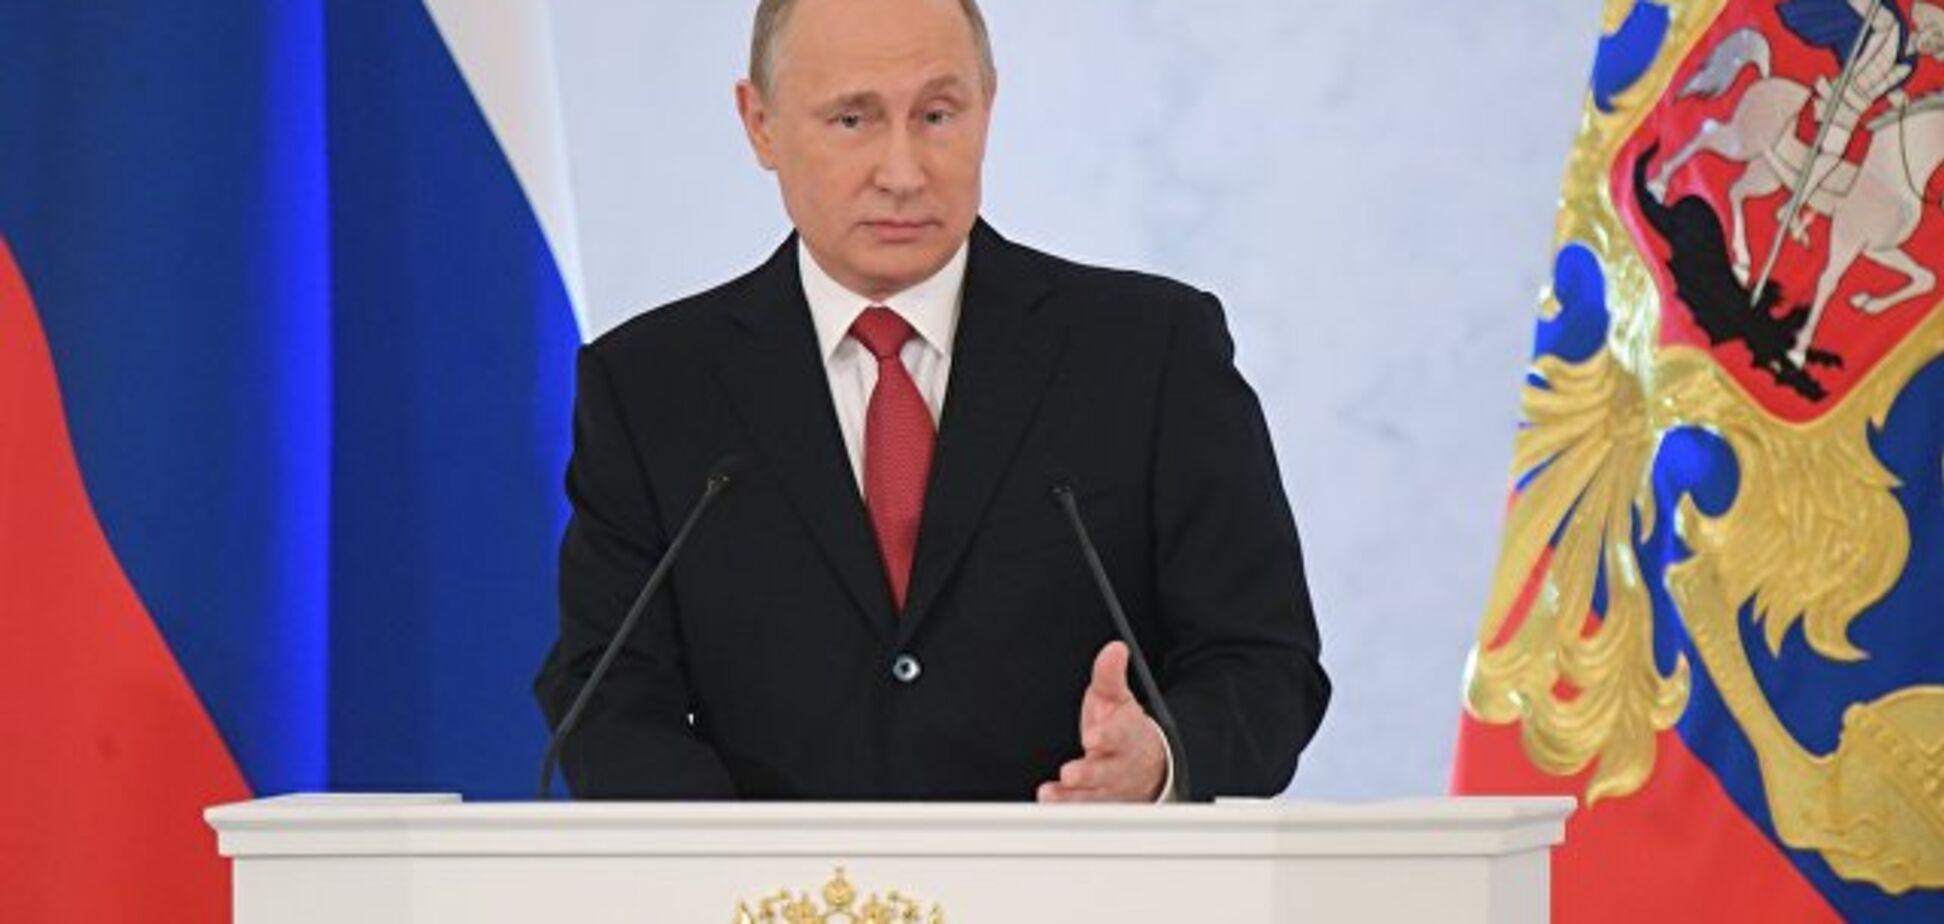 'Русский мир' не дает покоя: стало известно, когда Путин спланировал аннексию Крыма